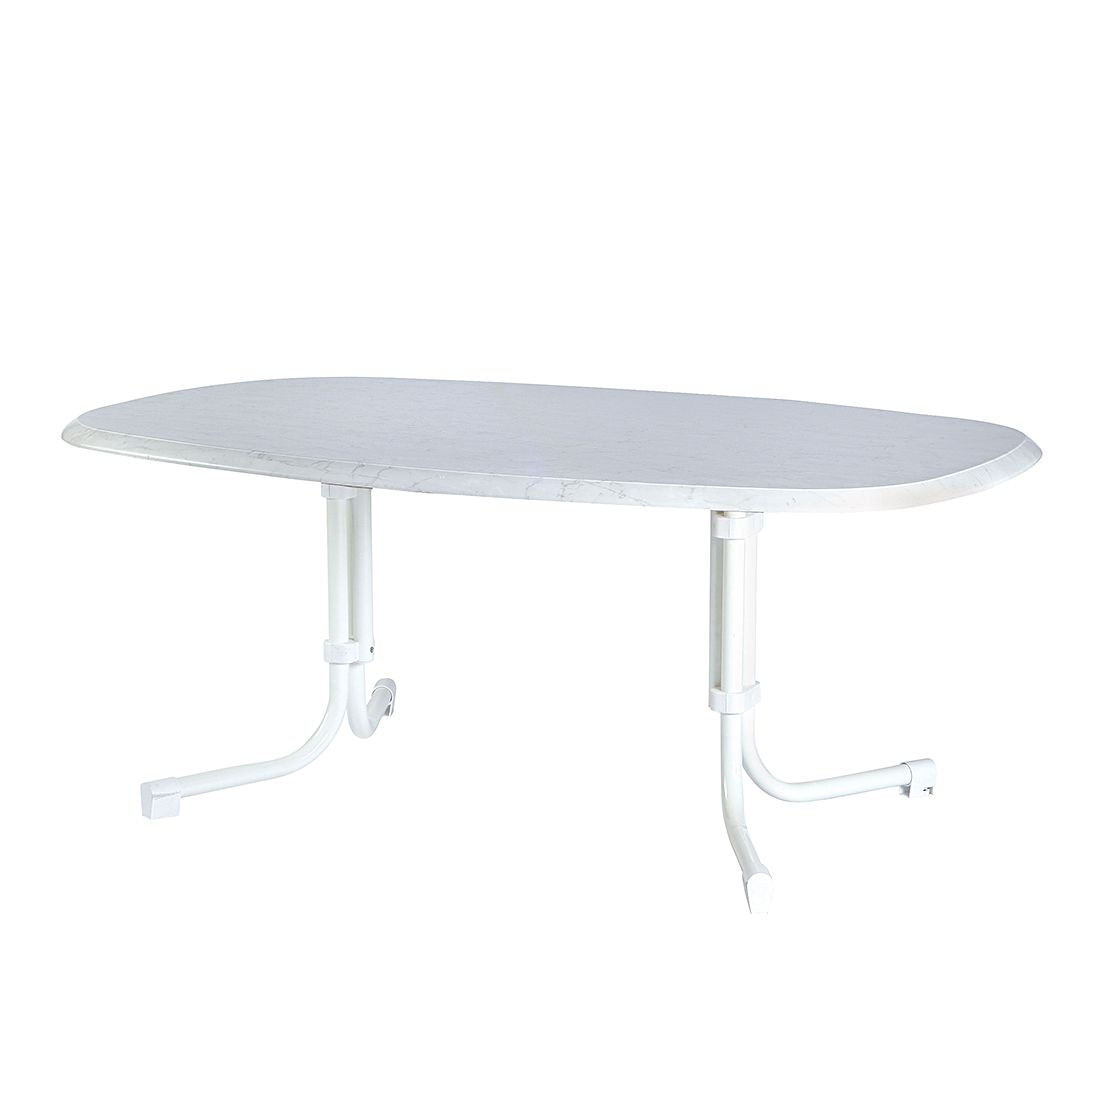 gartentisch oval klappbar preisvergleich die besten angebote online kaufen. Black Bedroom Furniture Sets. Home Design Ideas